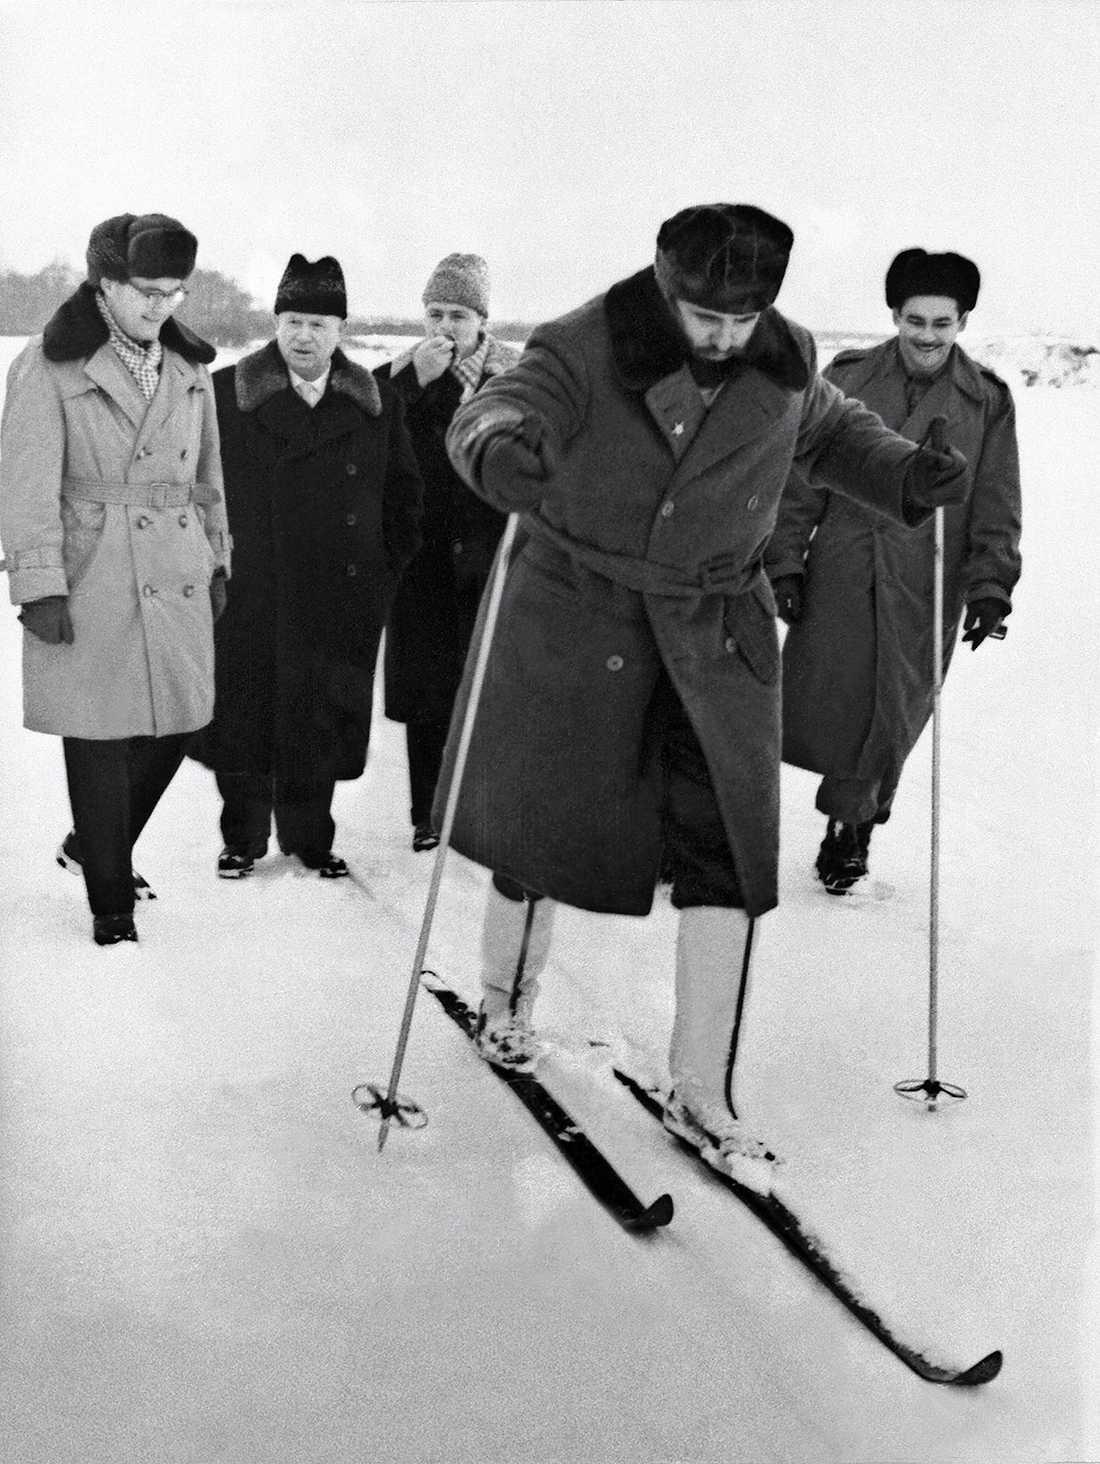 Åker skidor utanför Moskva på ett statsbesök i Sovjetunionen 1964.